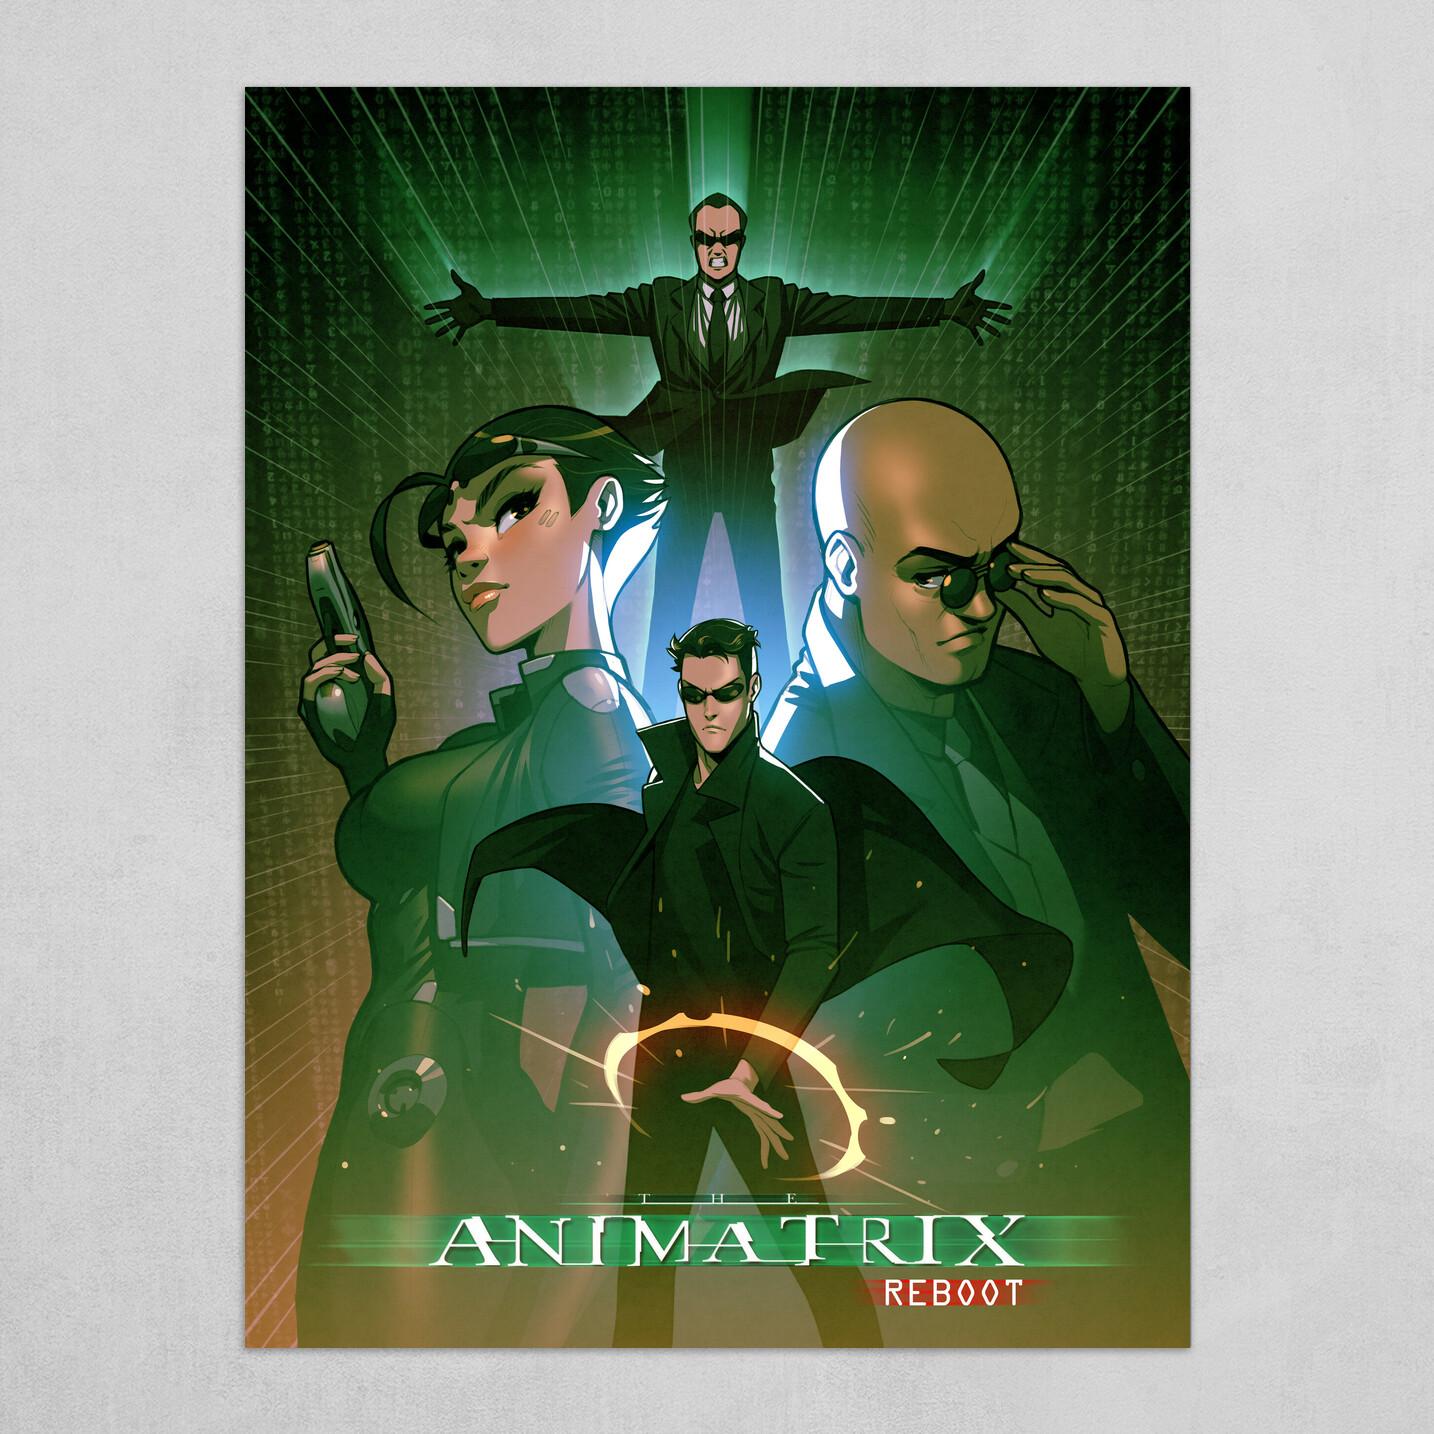 The Animatrix Reboot